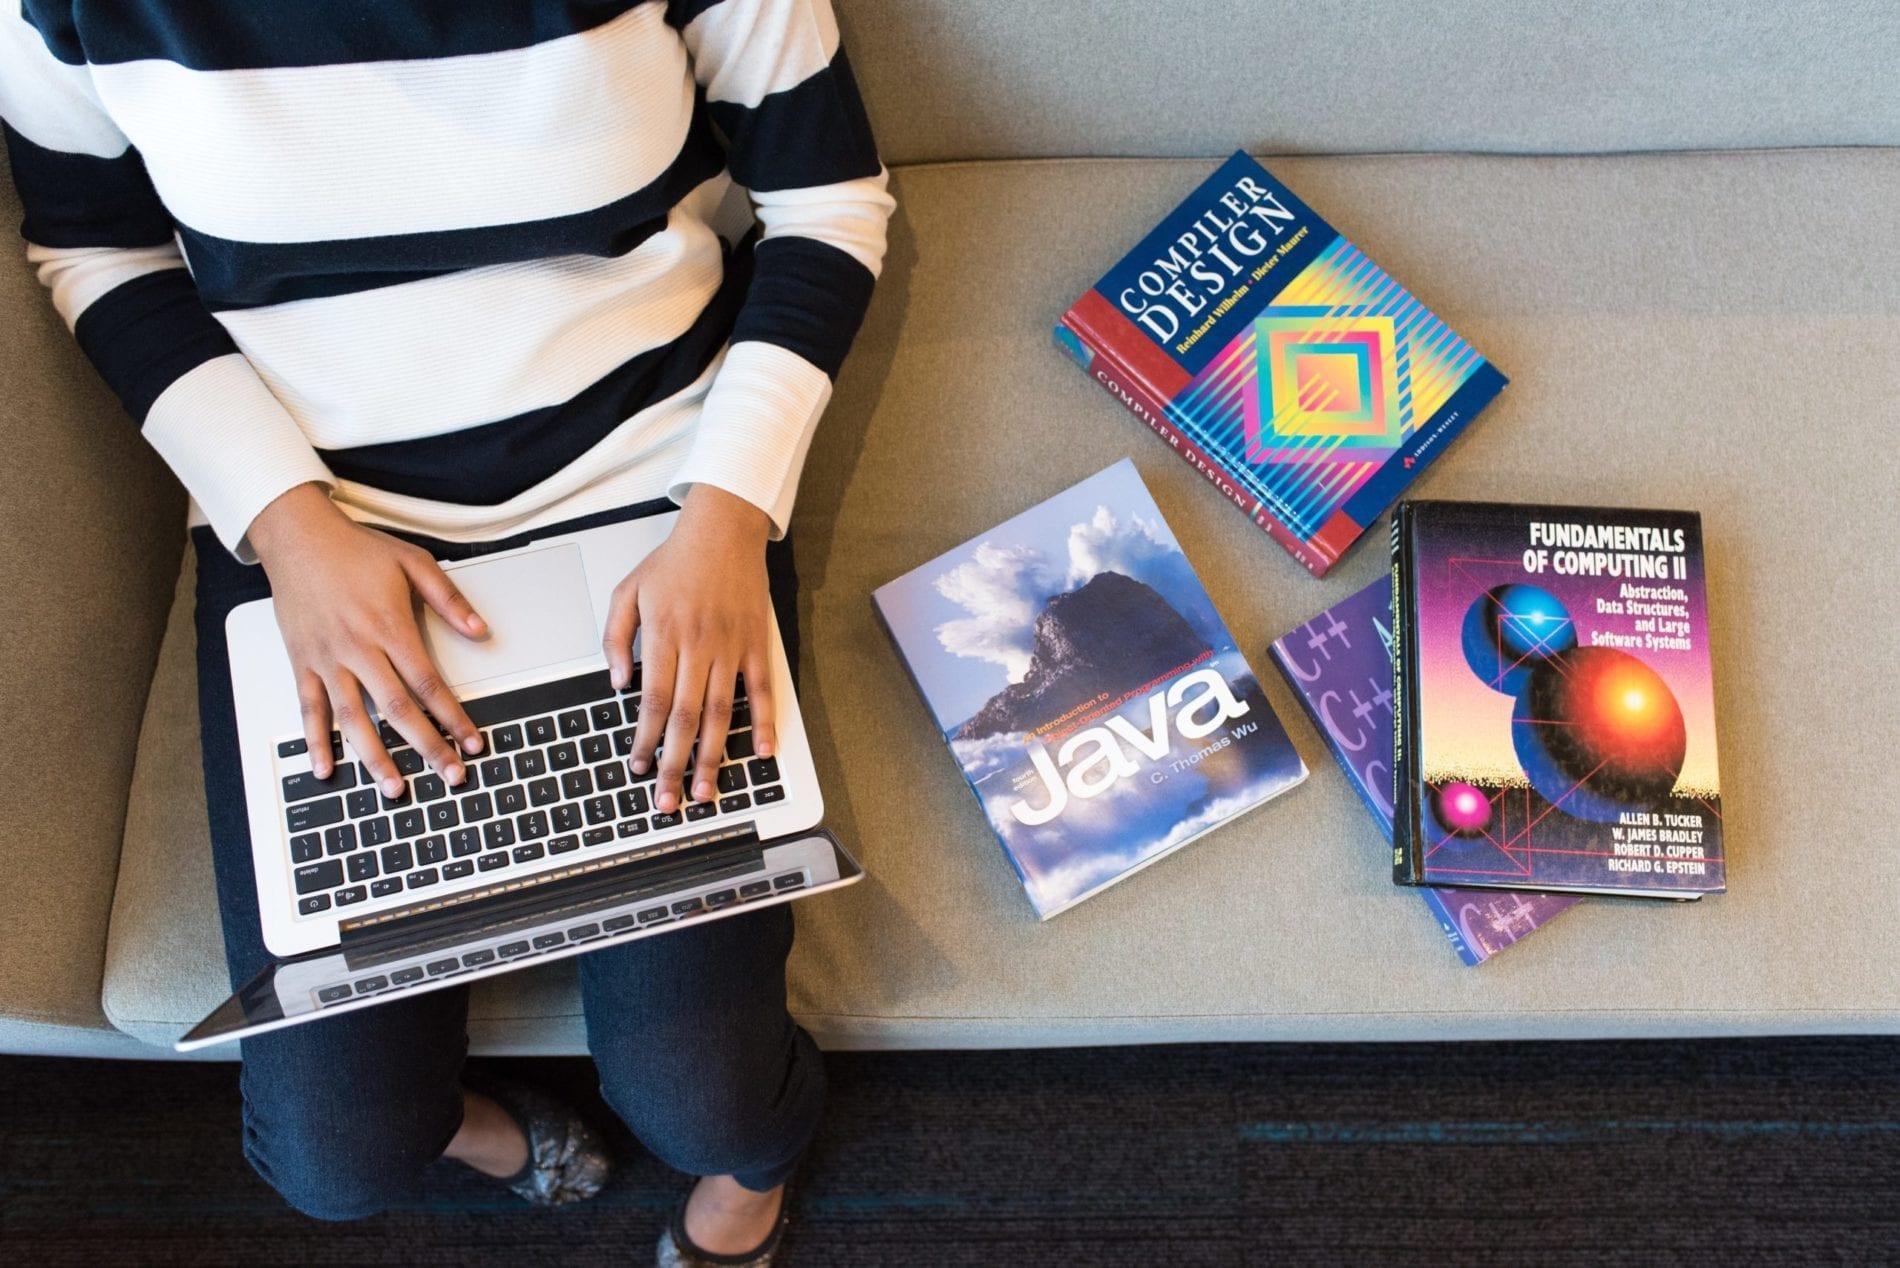 praca-komputer-java